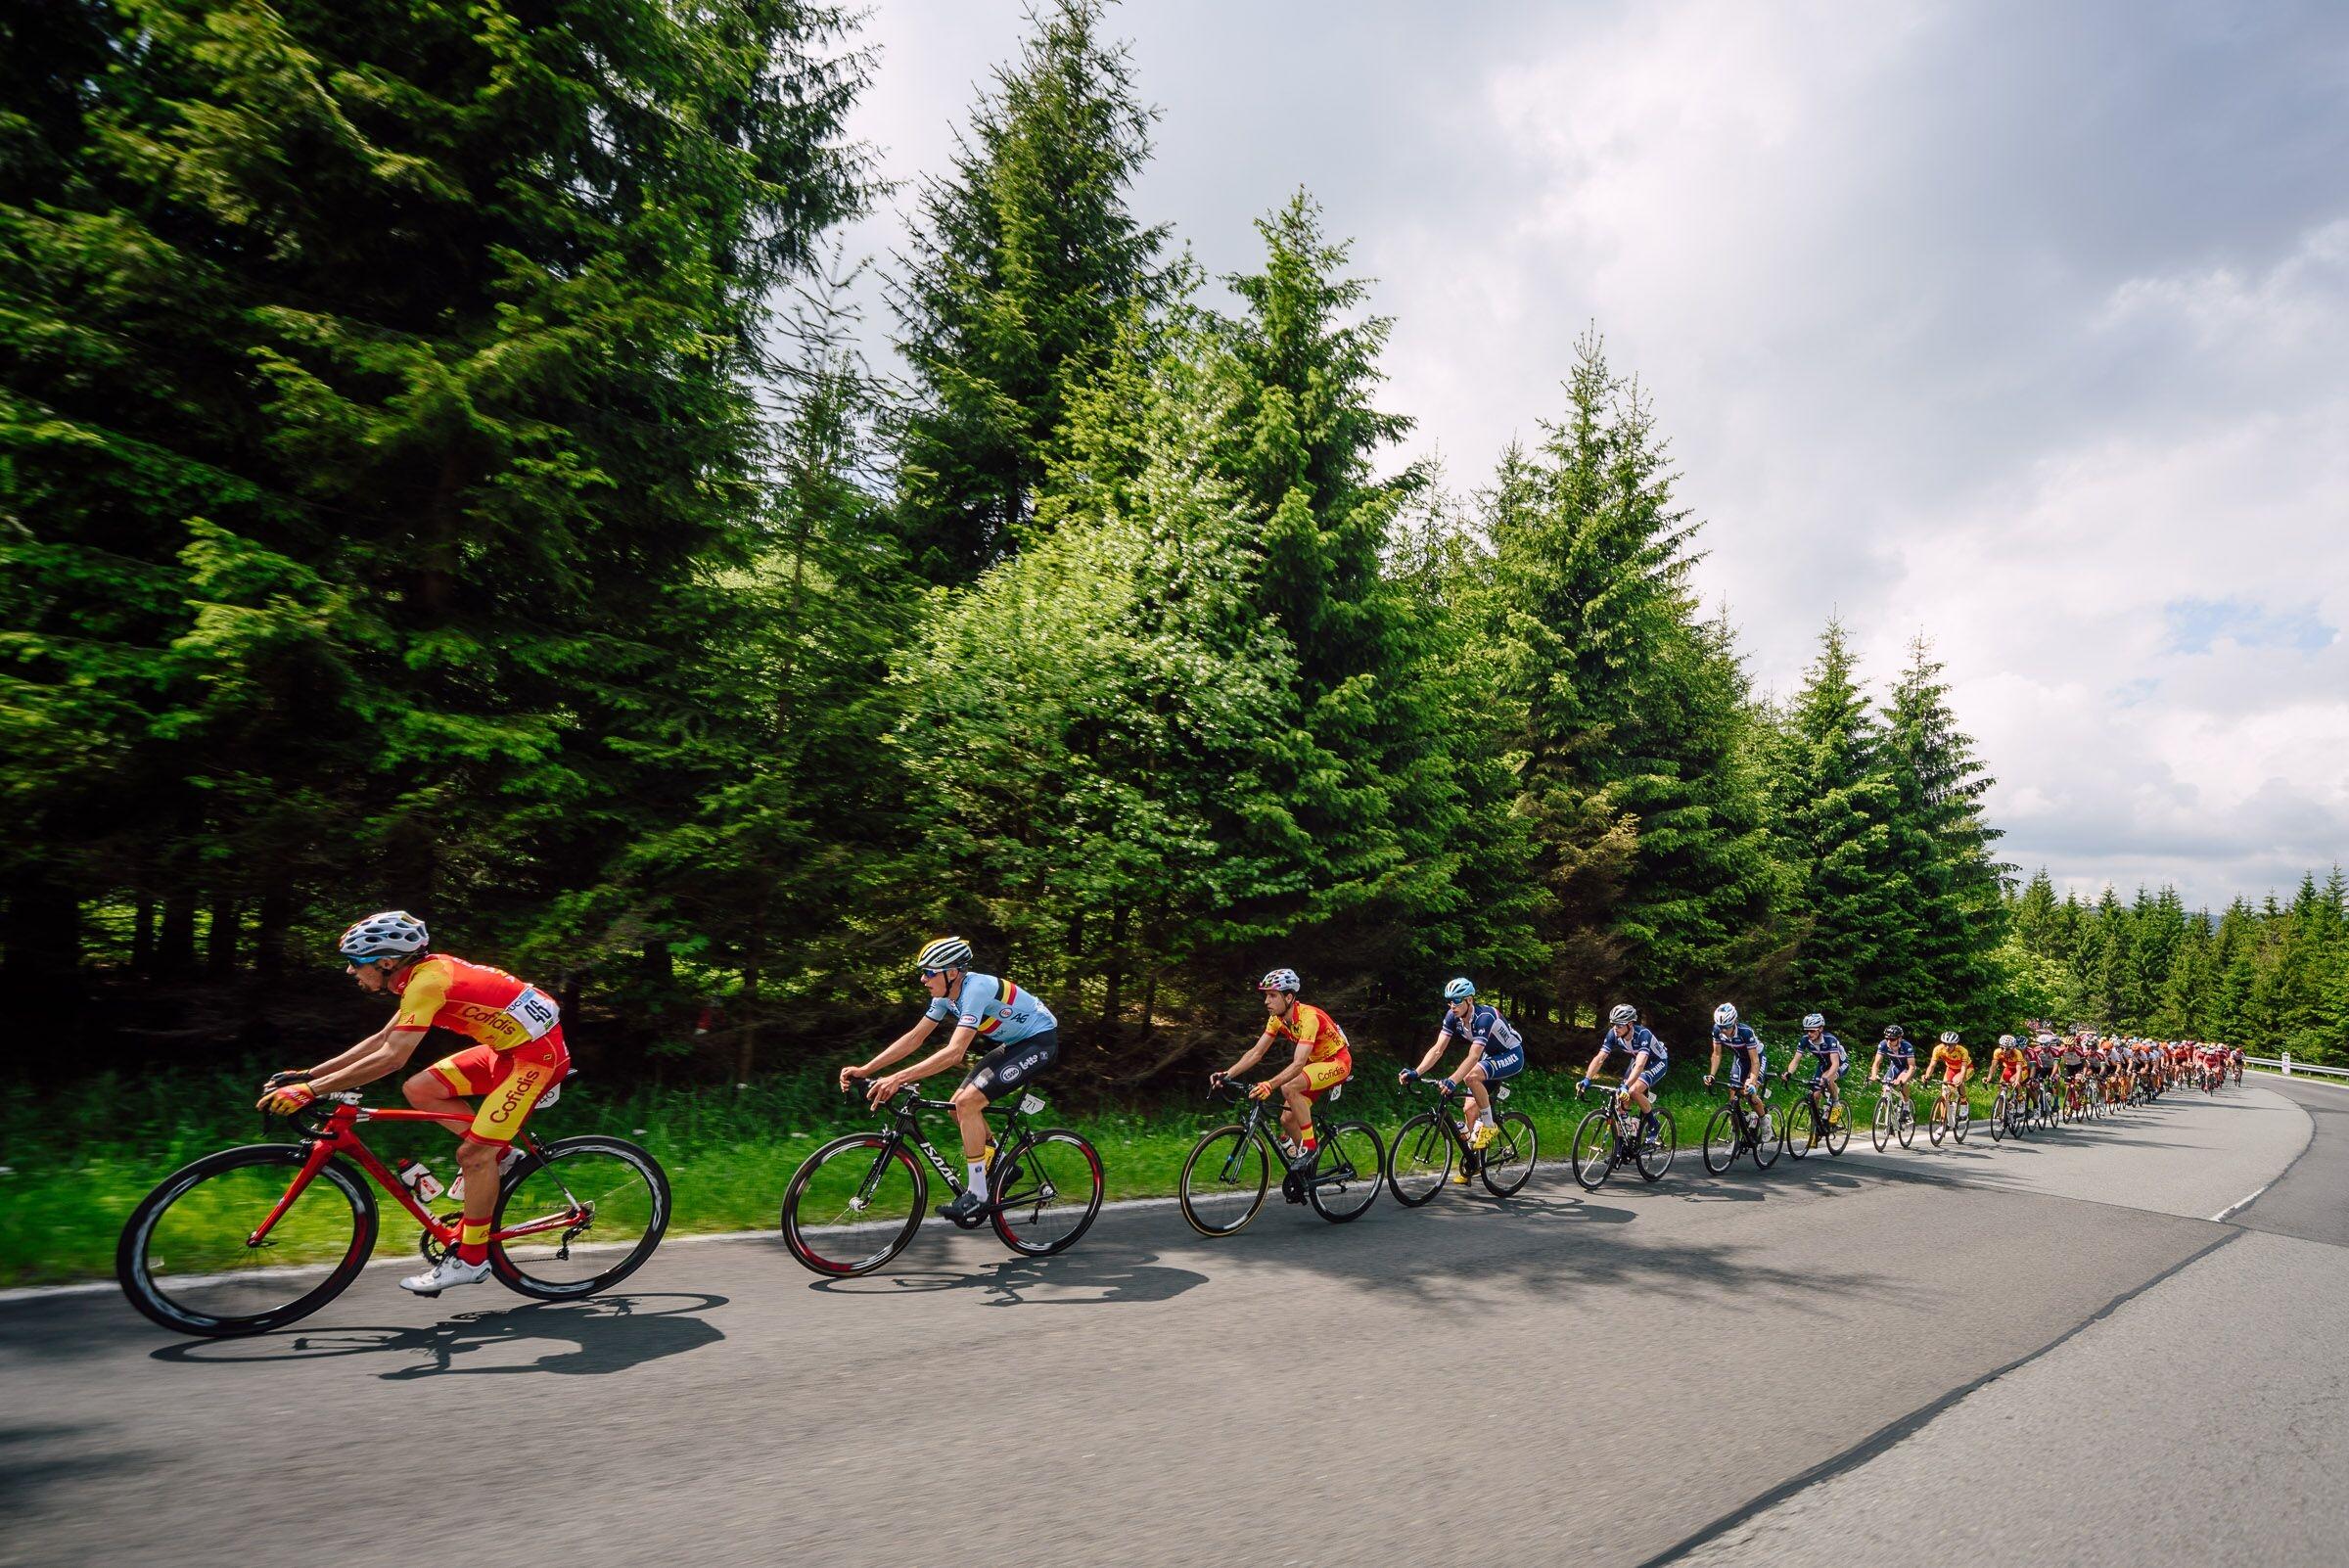 Etapa na Závodě míru U23 foto Jan Brychta / Závod míru U23 - jesenická cyklistika